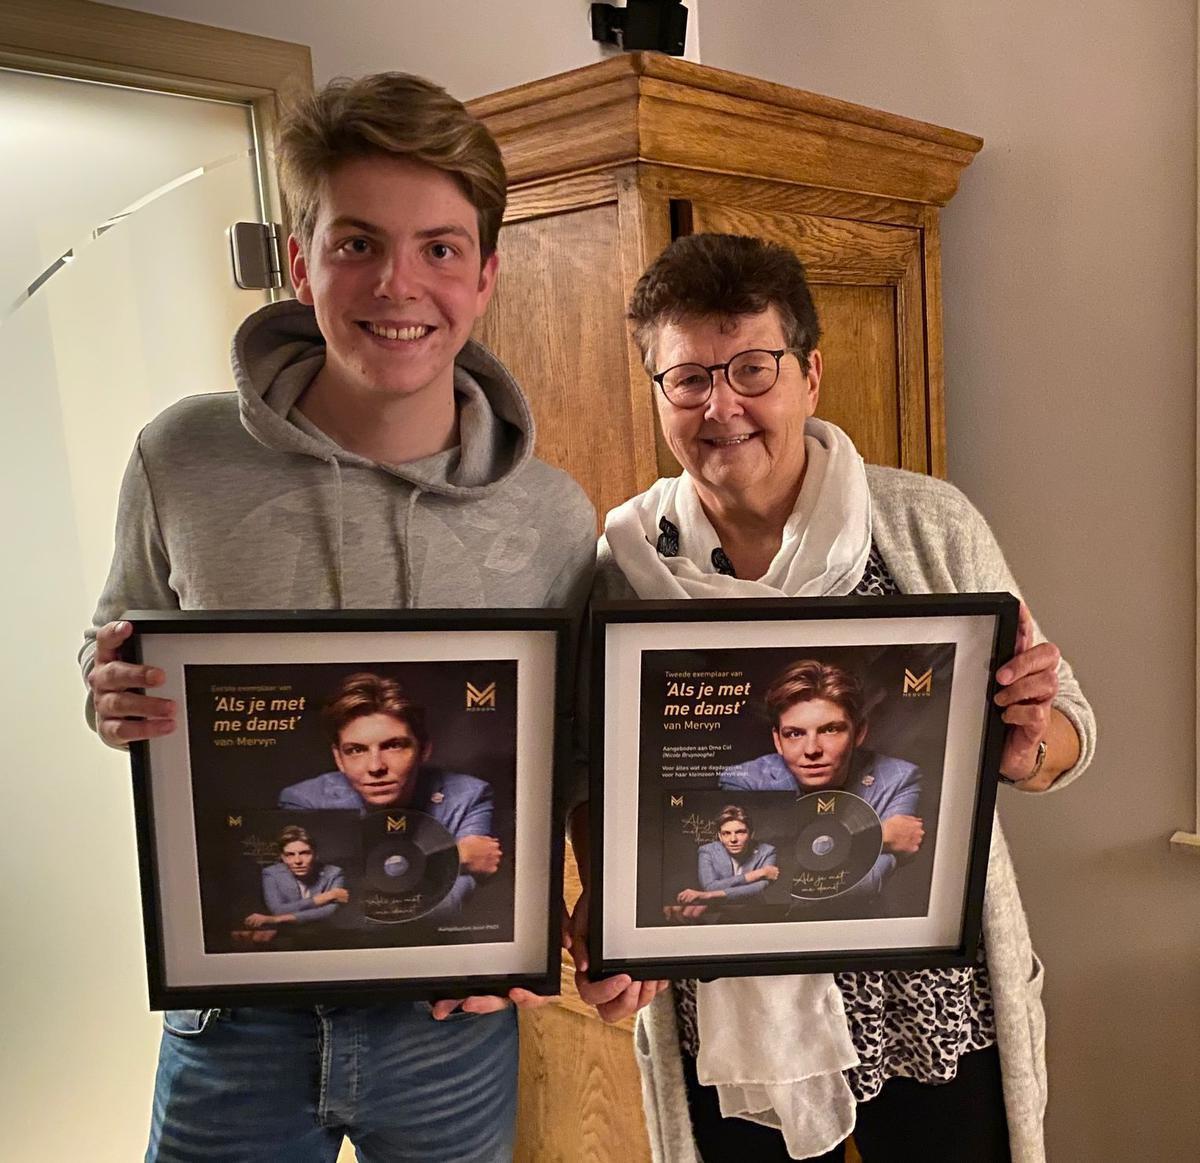 Het eerste én tweede exemplaar van zijn eerste single 'Als je met me danst' voor zijn eigen bureau én ook voor zijn oma.